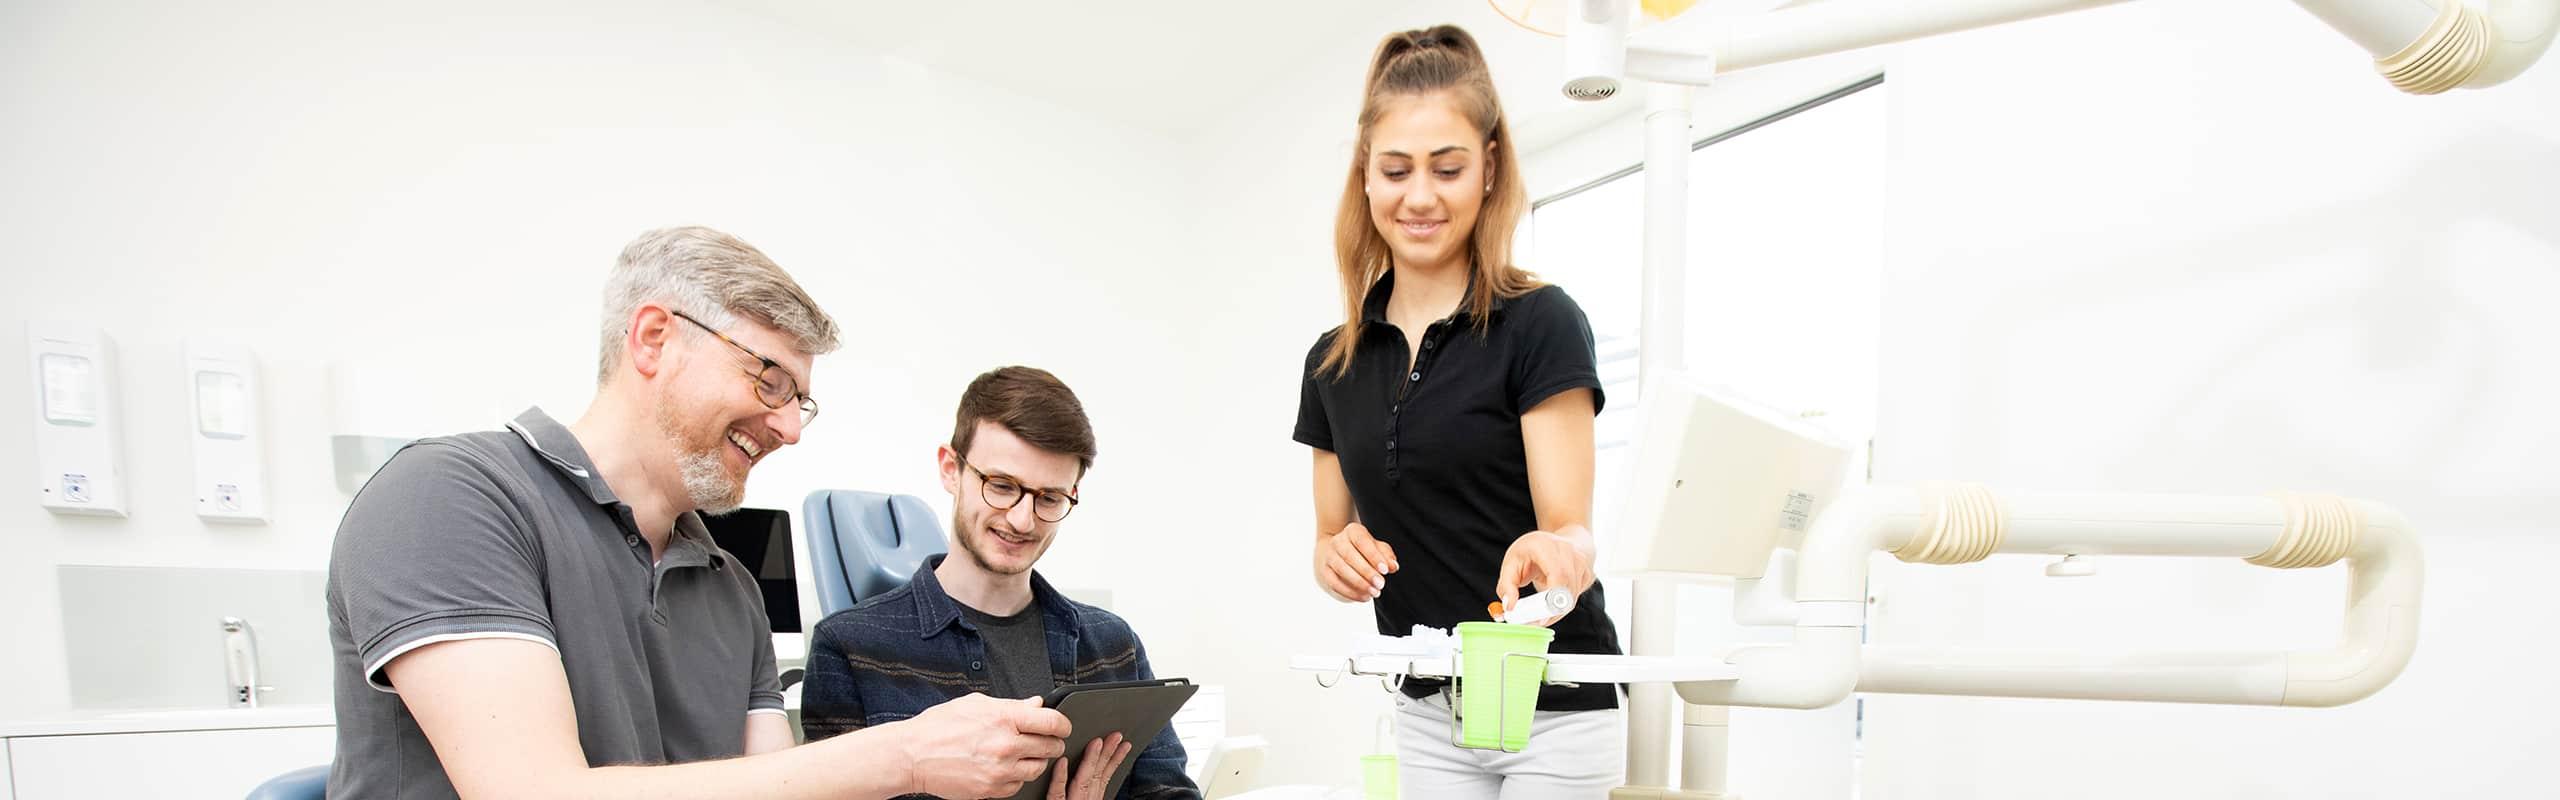 patient schaut gemeinsam mit dem zahnartzt auf ein ipad